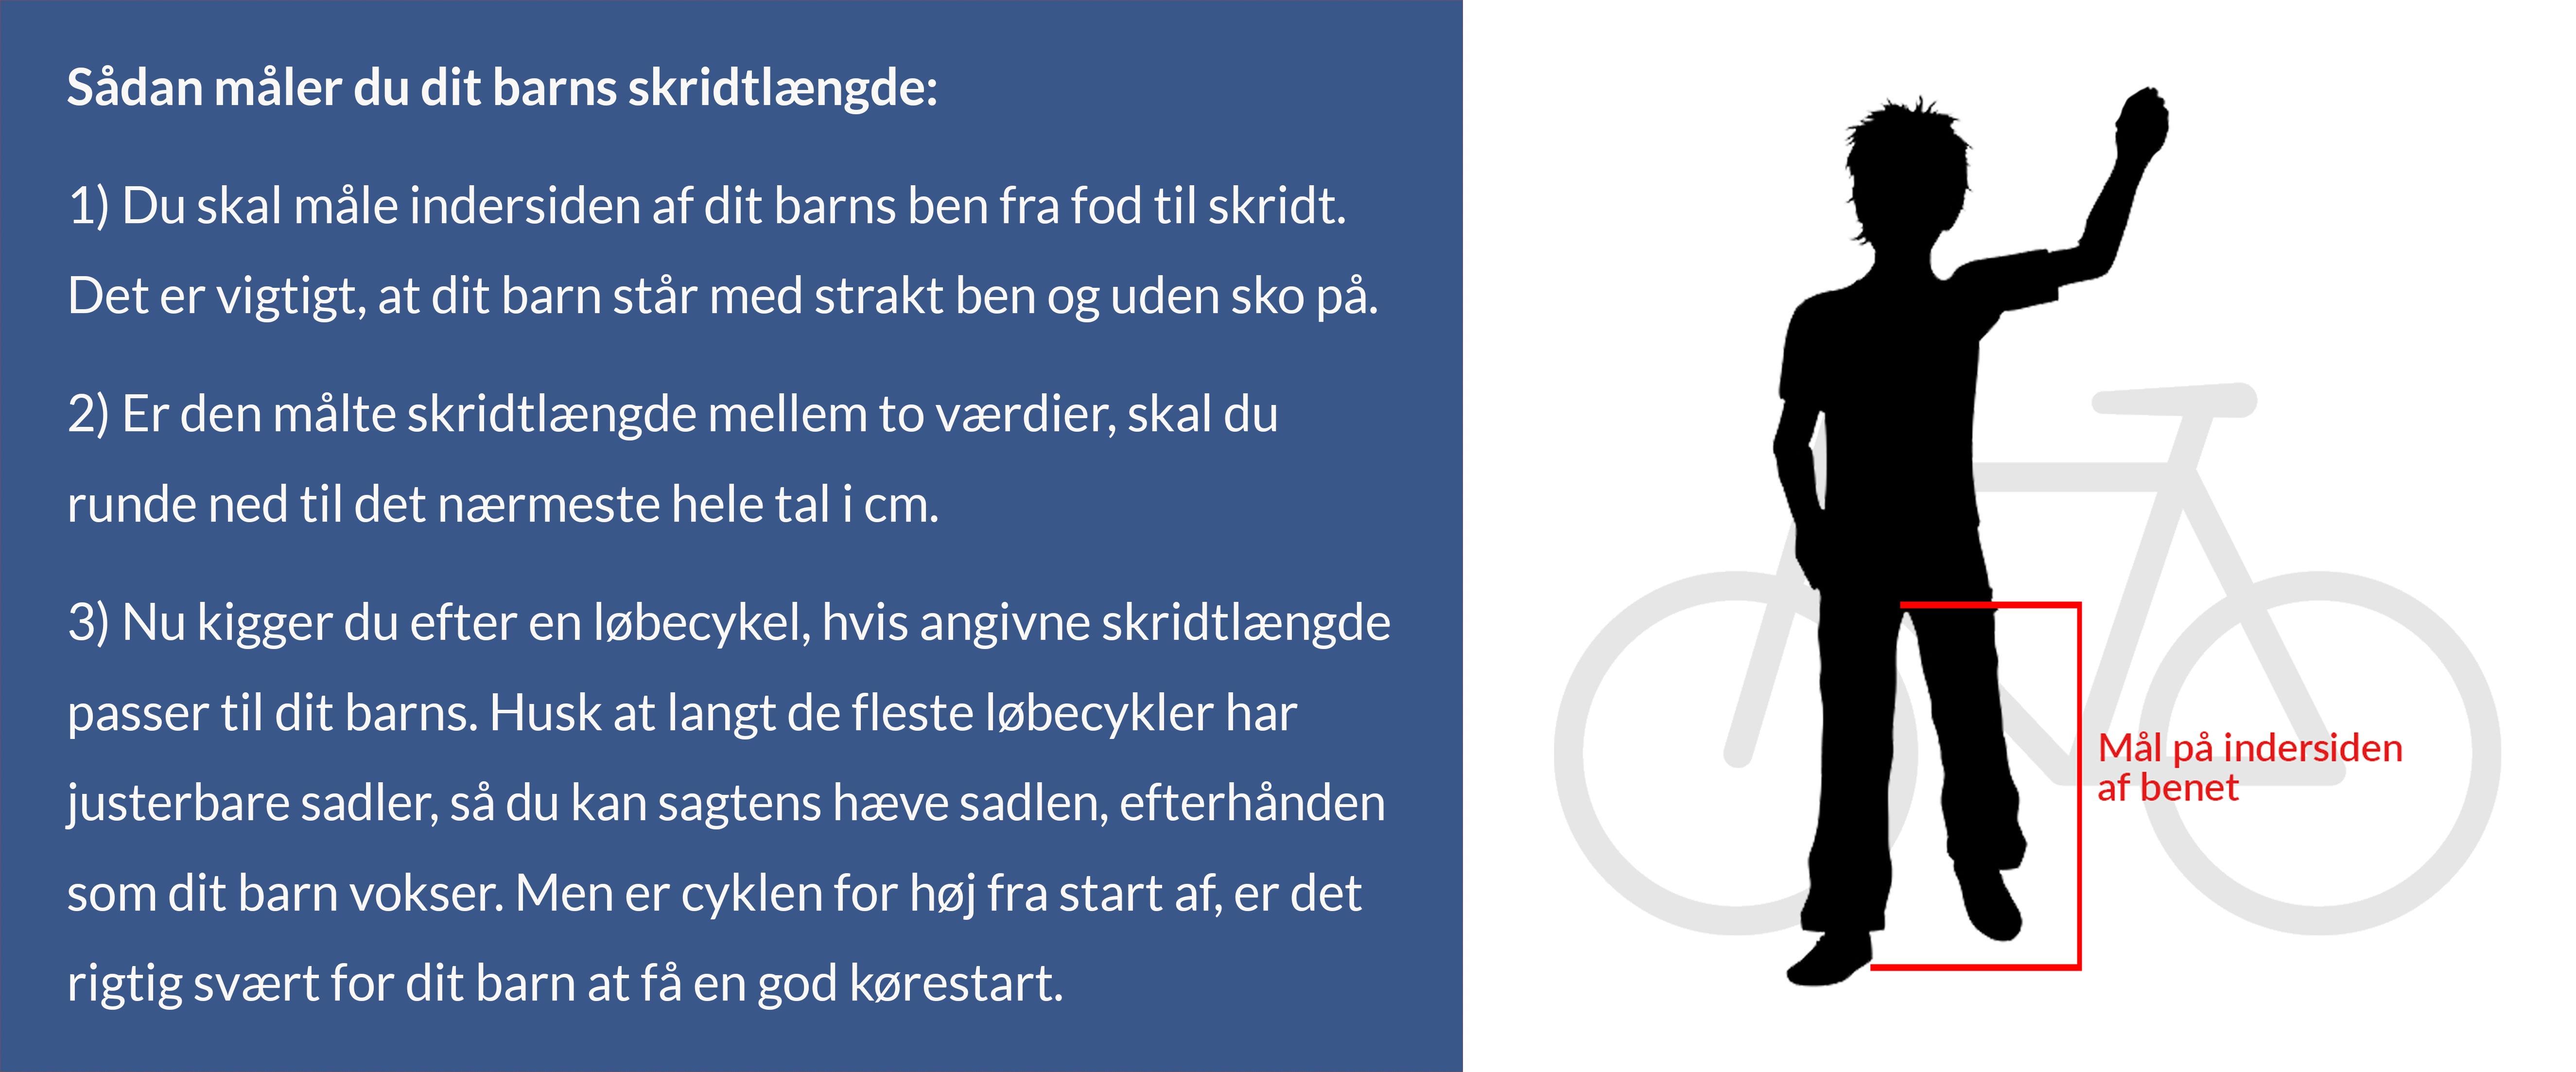 Citat 3